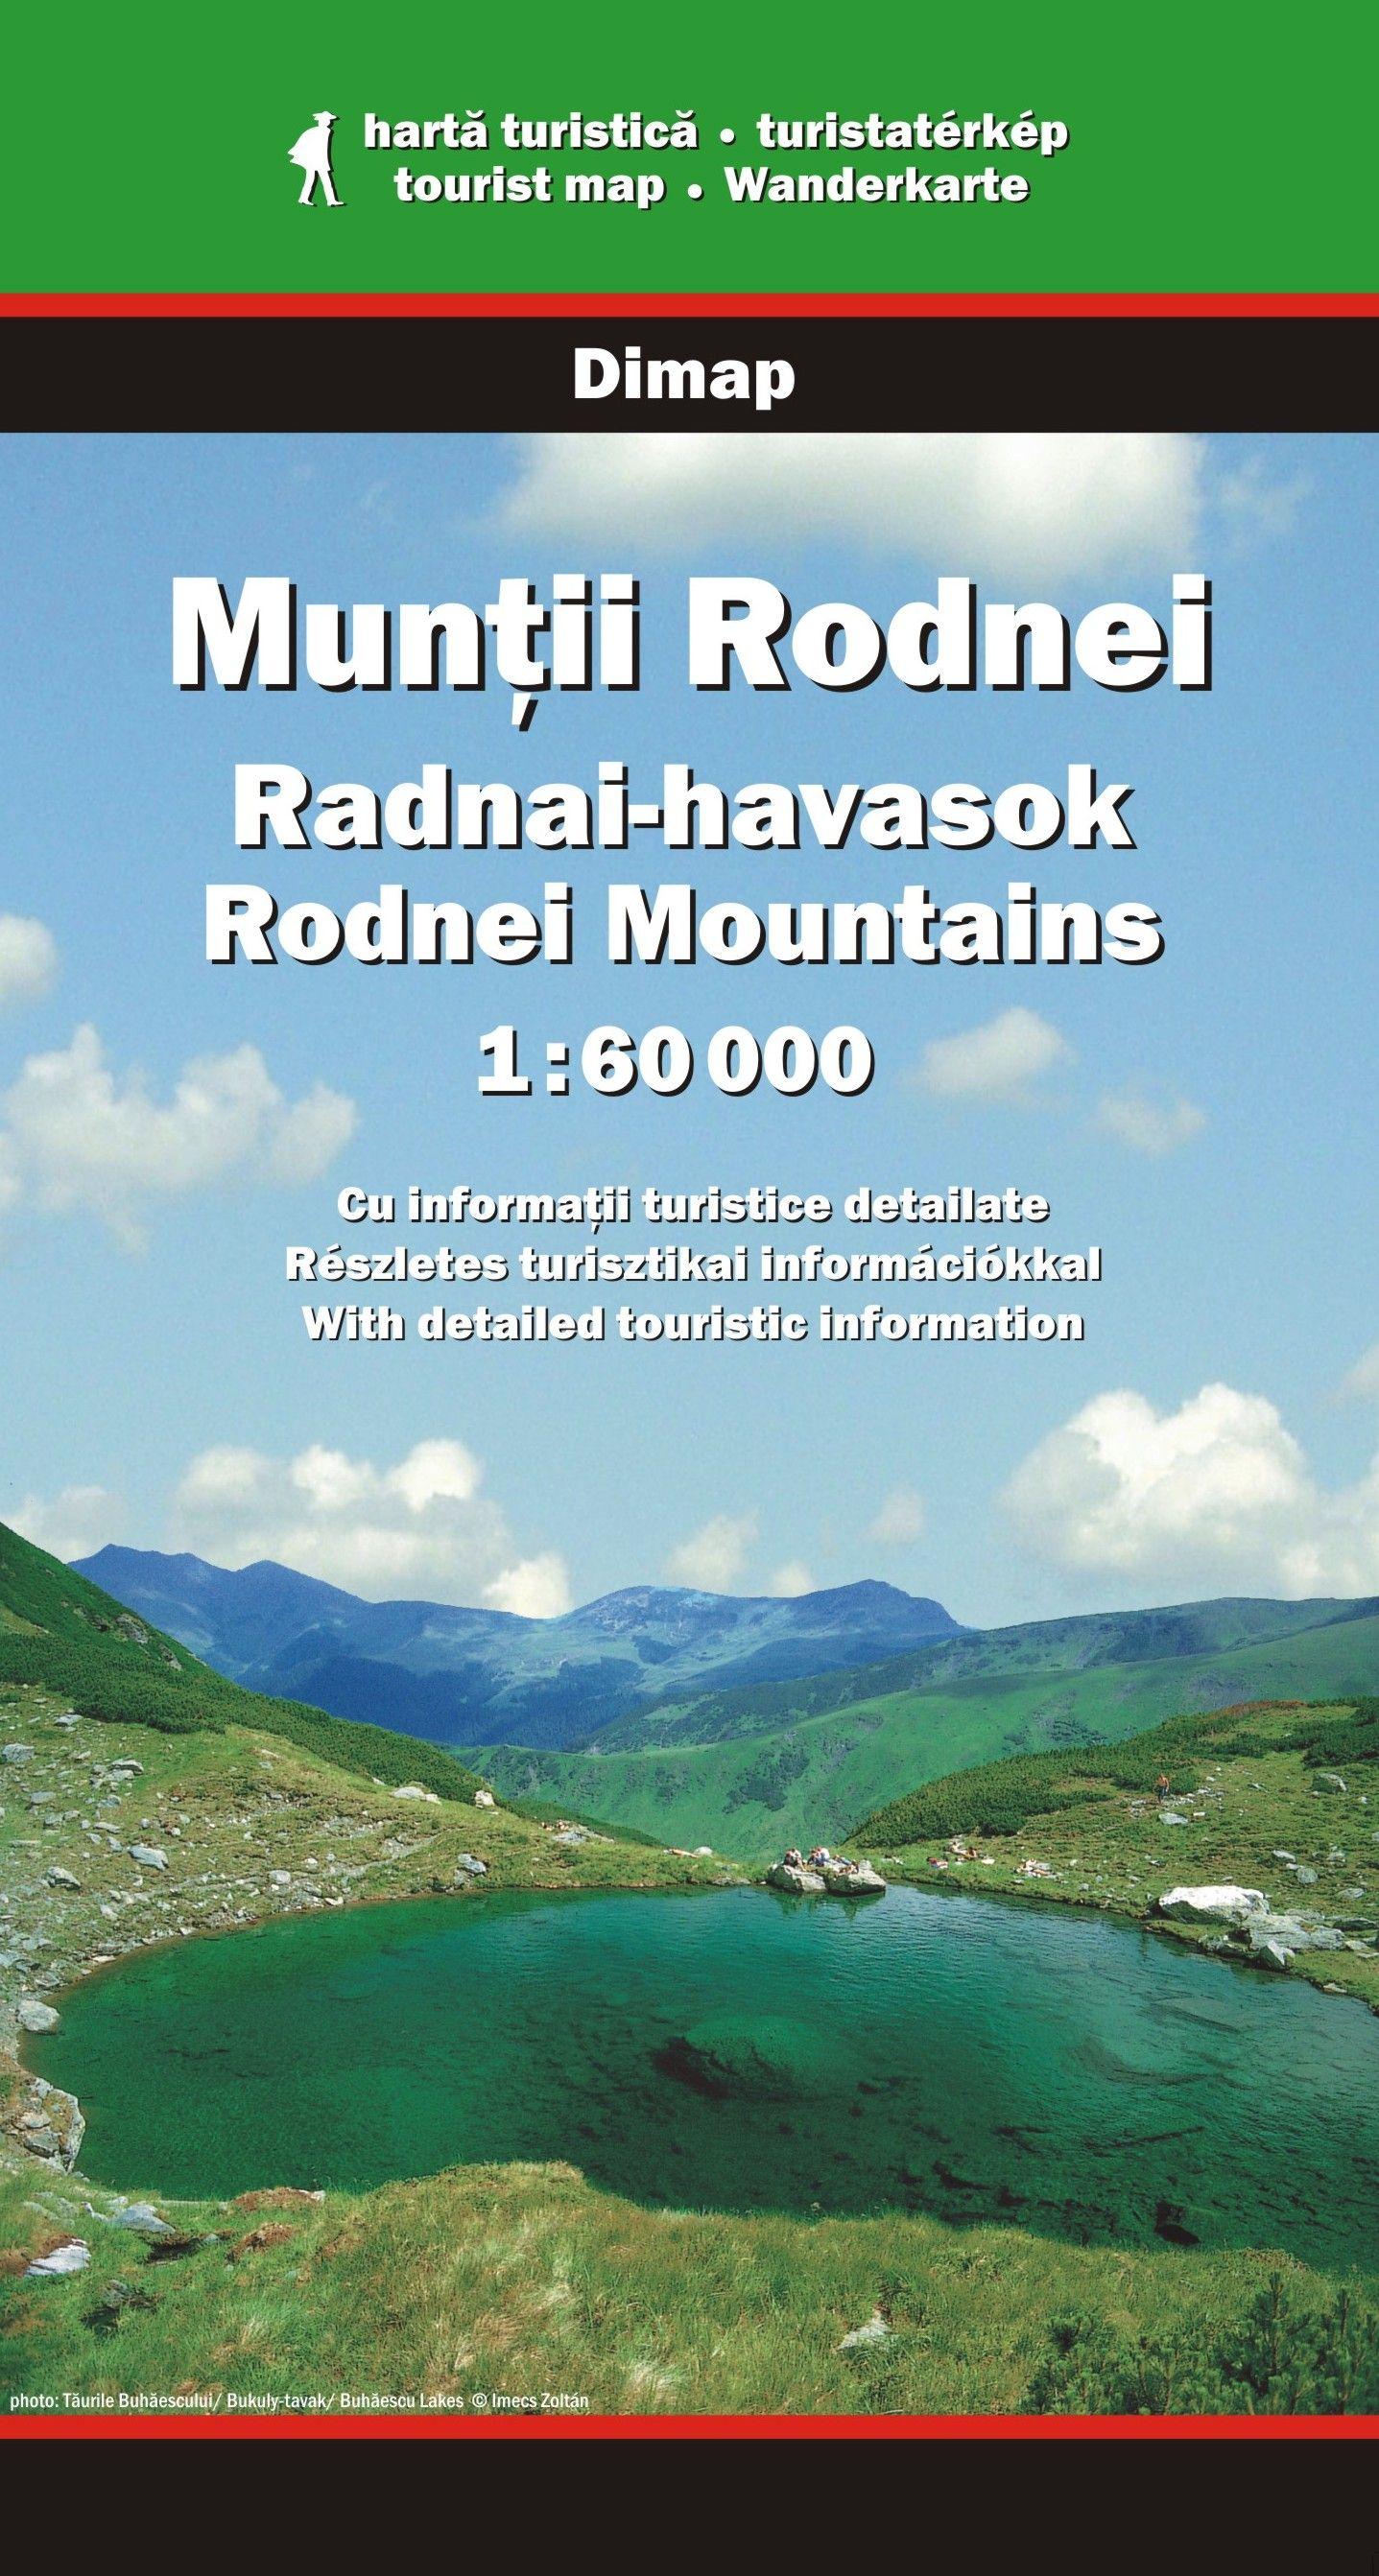 Részletes turista információ és jelmagyarázat négy nyelven (magyar, román, angol, német)